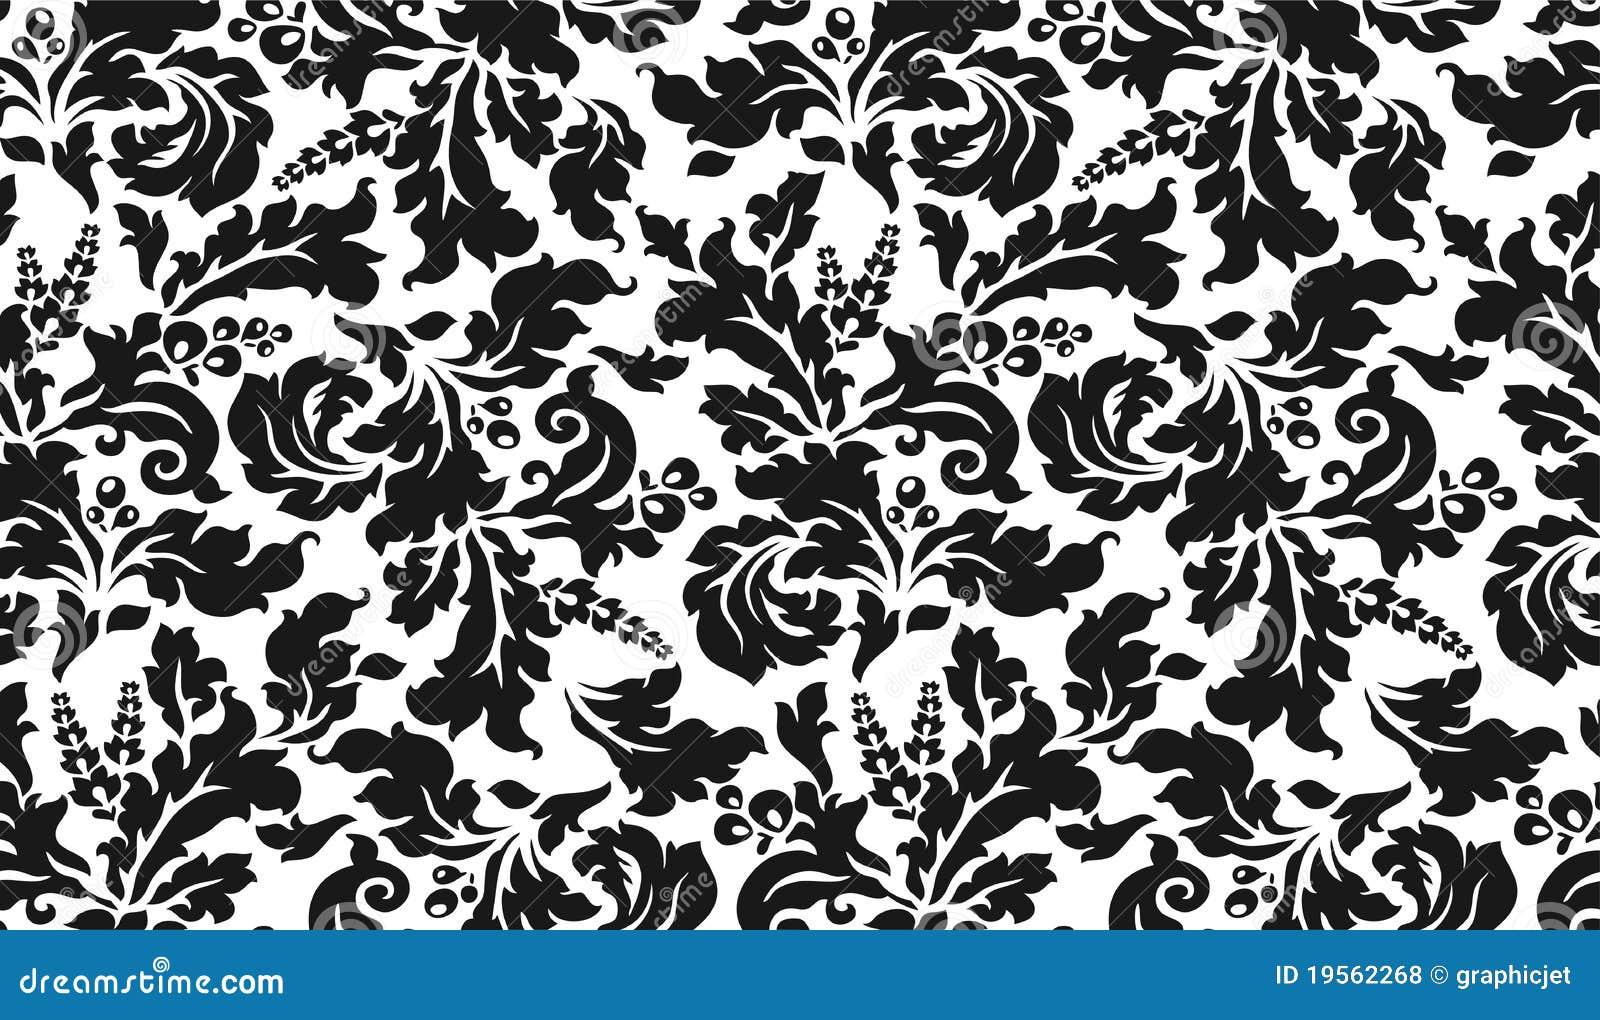 Tapisserie Noire Et Blanche Avec Des Fleurs Photos libres ...